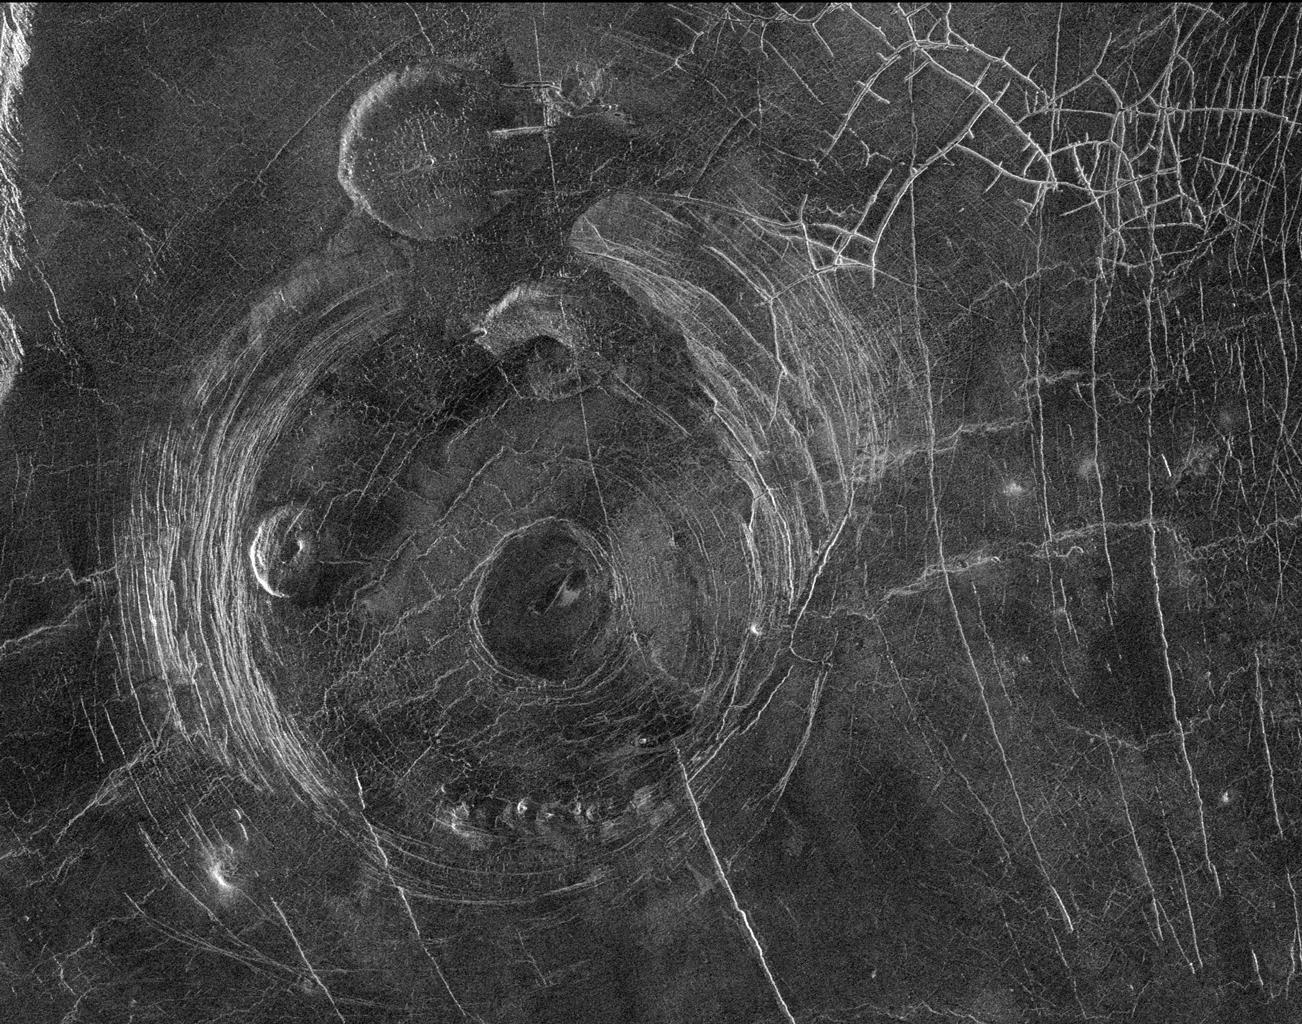 Una imagen de radar de las coronas de Aine (estructura circular grande que ocupa la mayor parte de la imagen) justo al sur de Afrodita Terra.